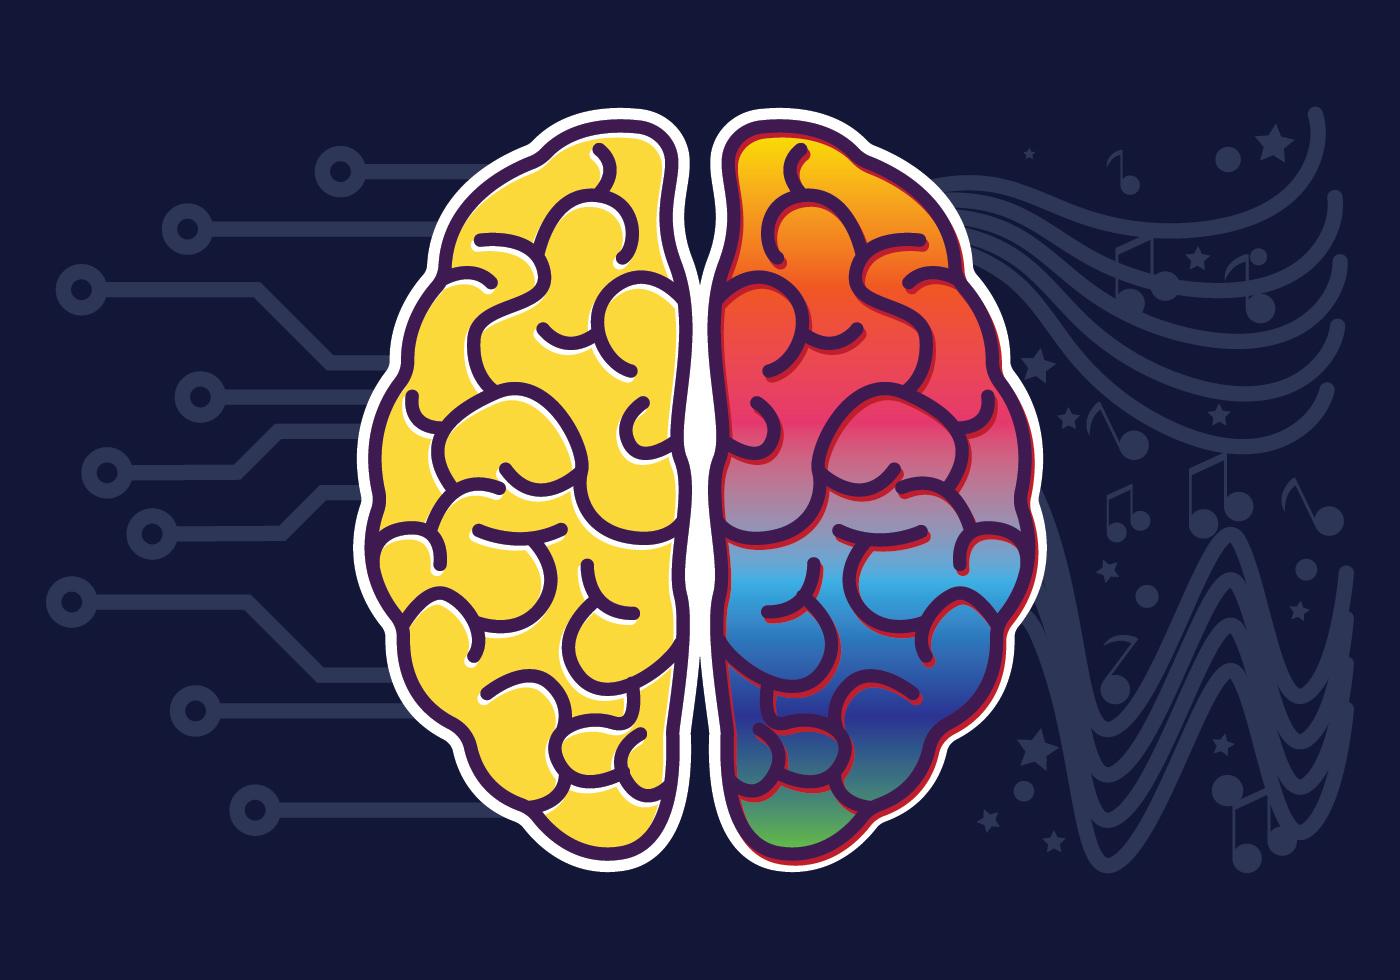 правый мозг левый мозг картинки будем